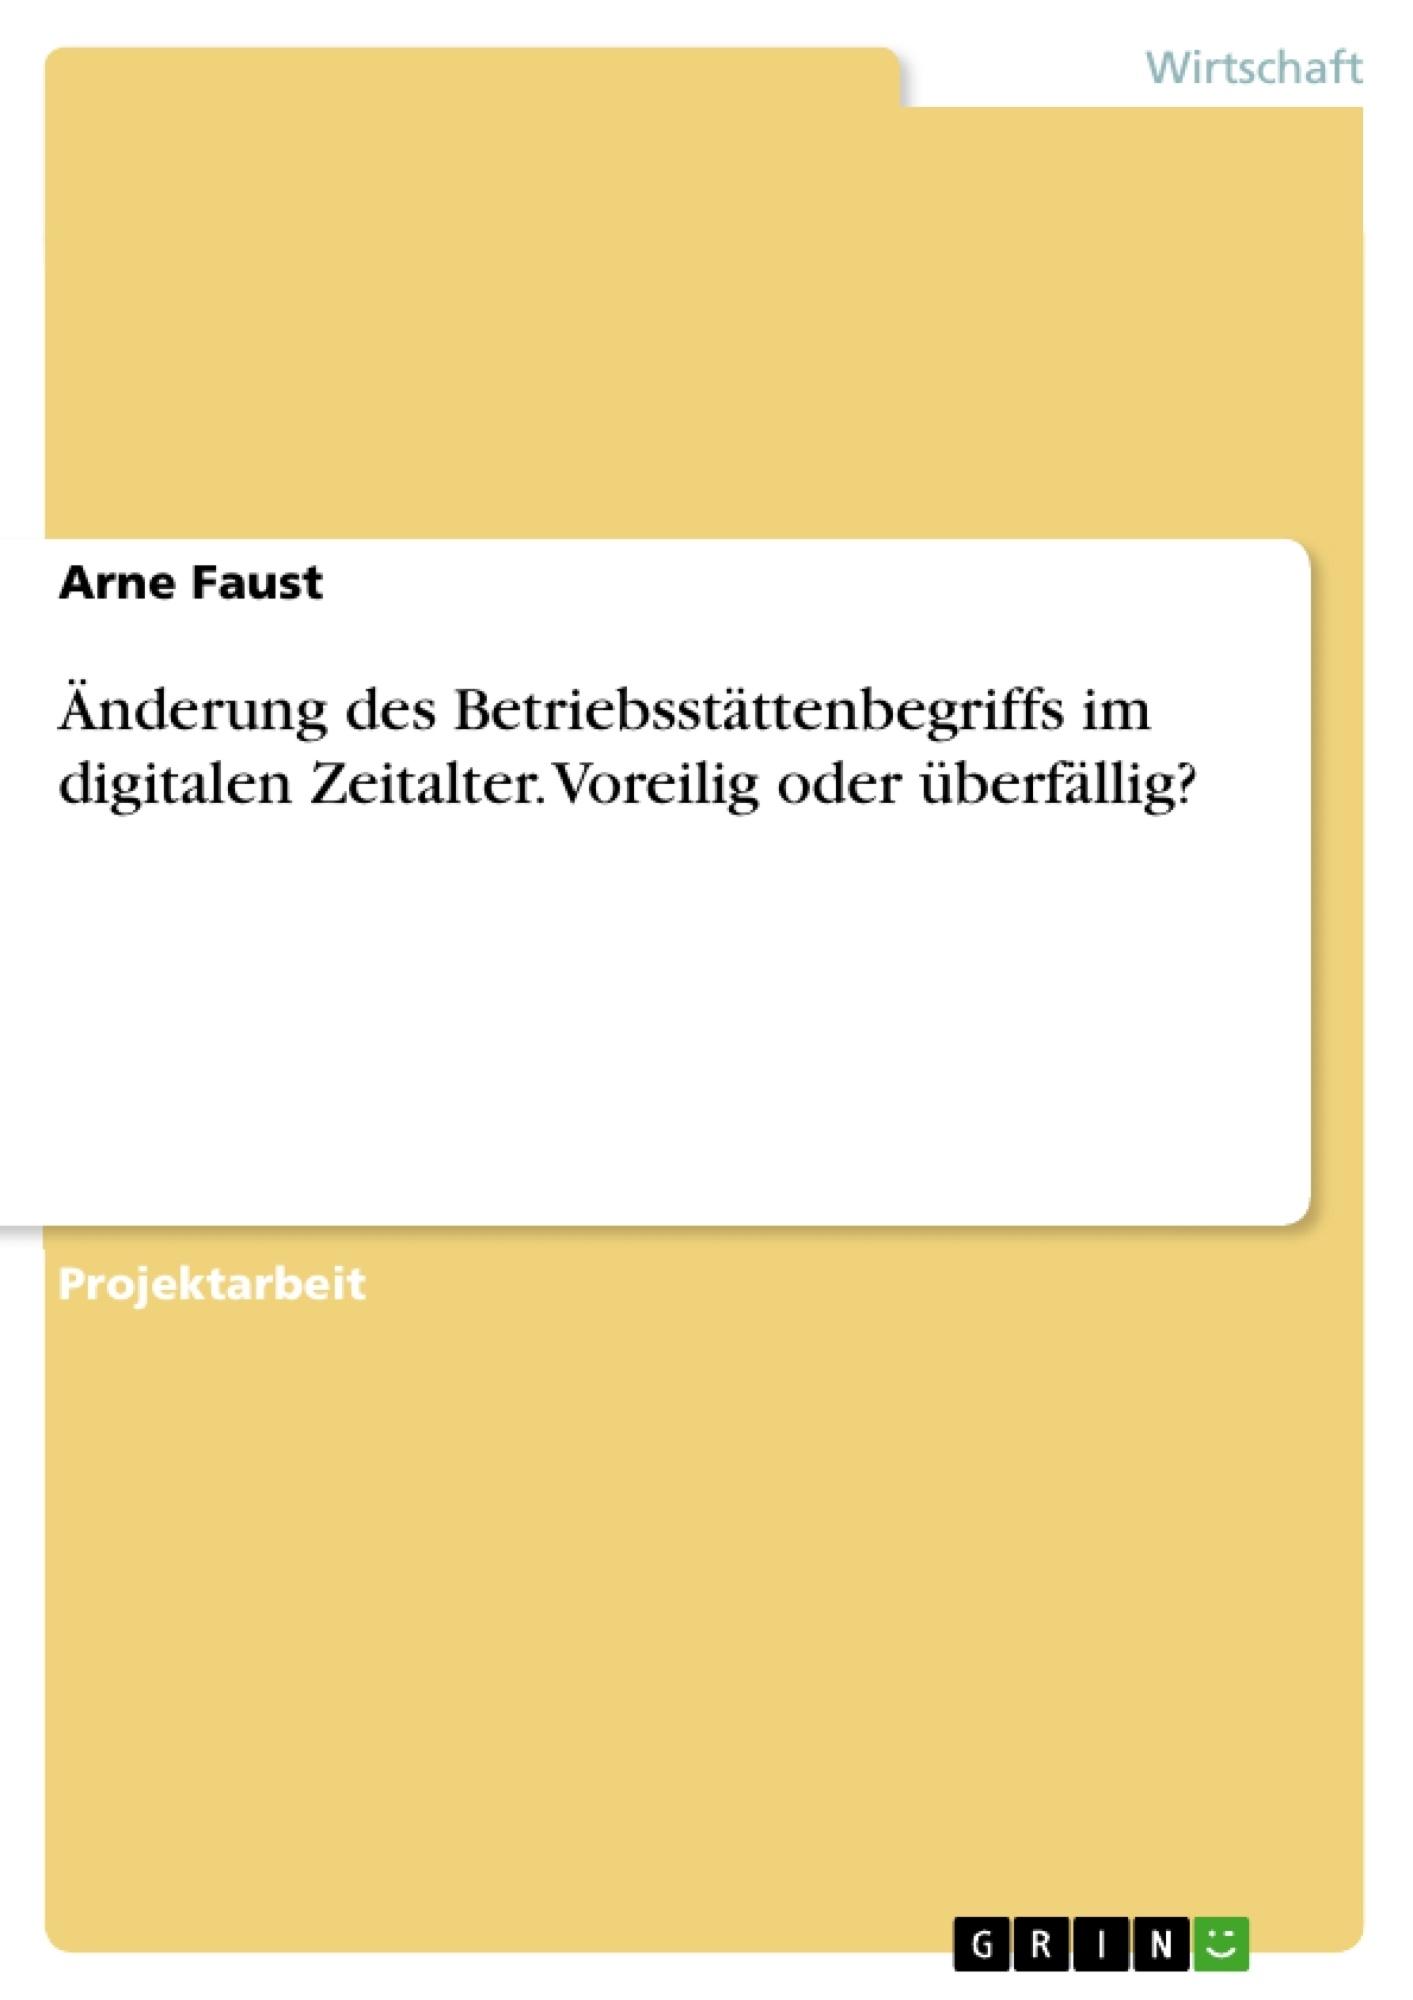 Titel: Änderung des Betriebsstättenbegriffs im digitalen Zeitalter. Voreilig oder überfällig?